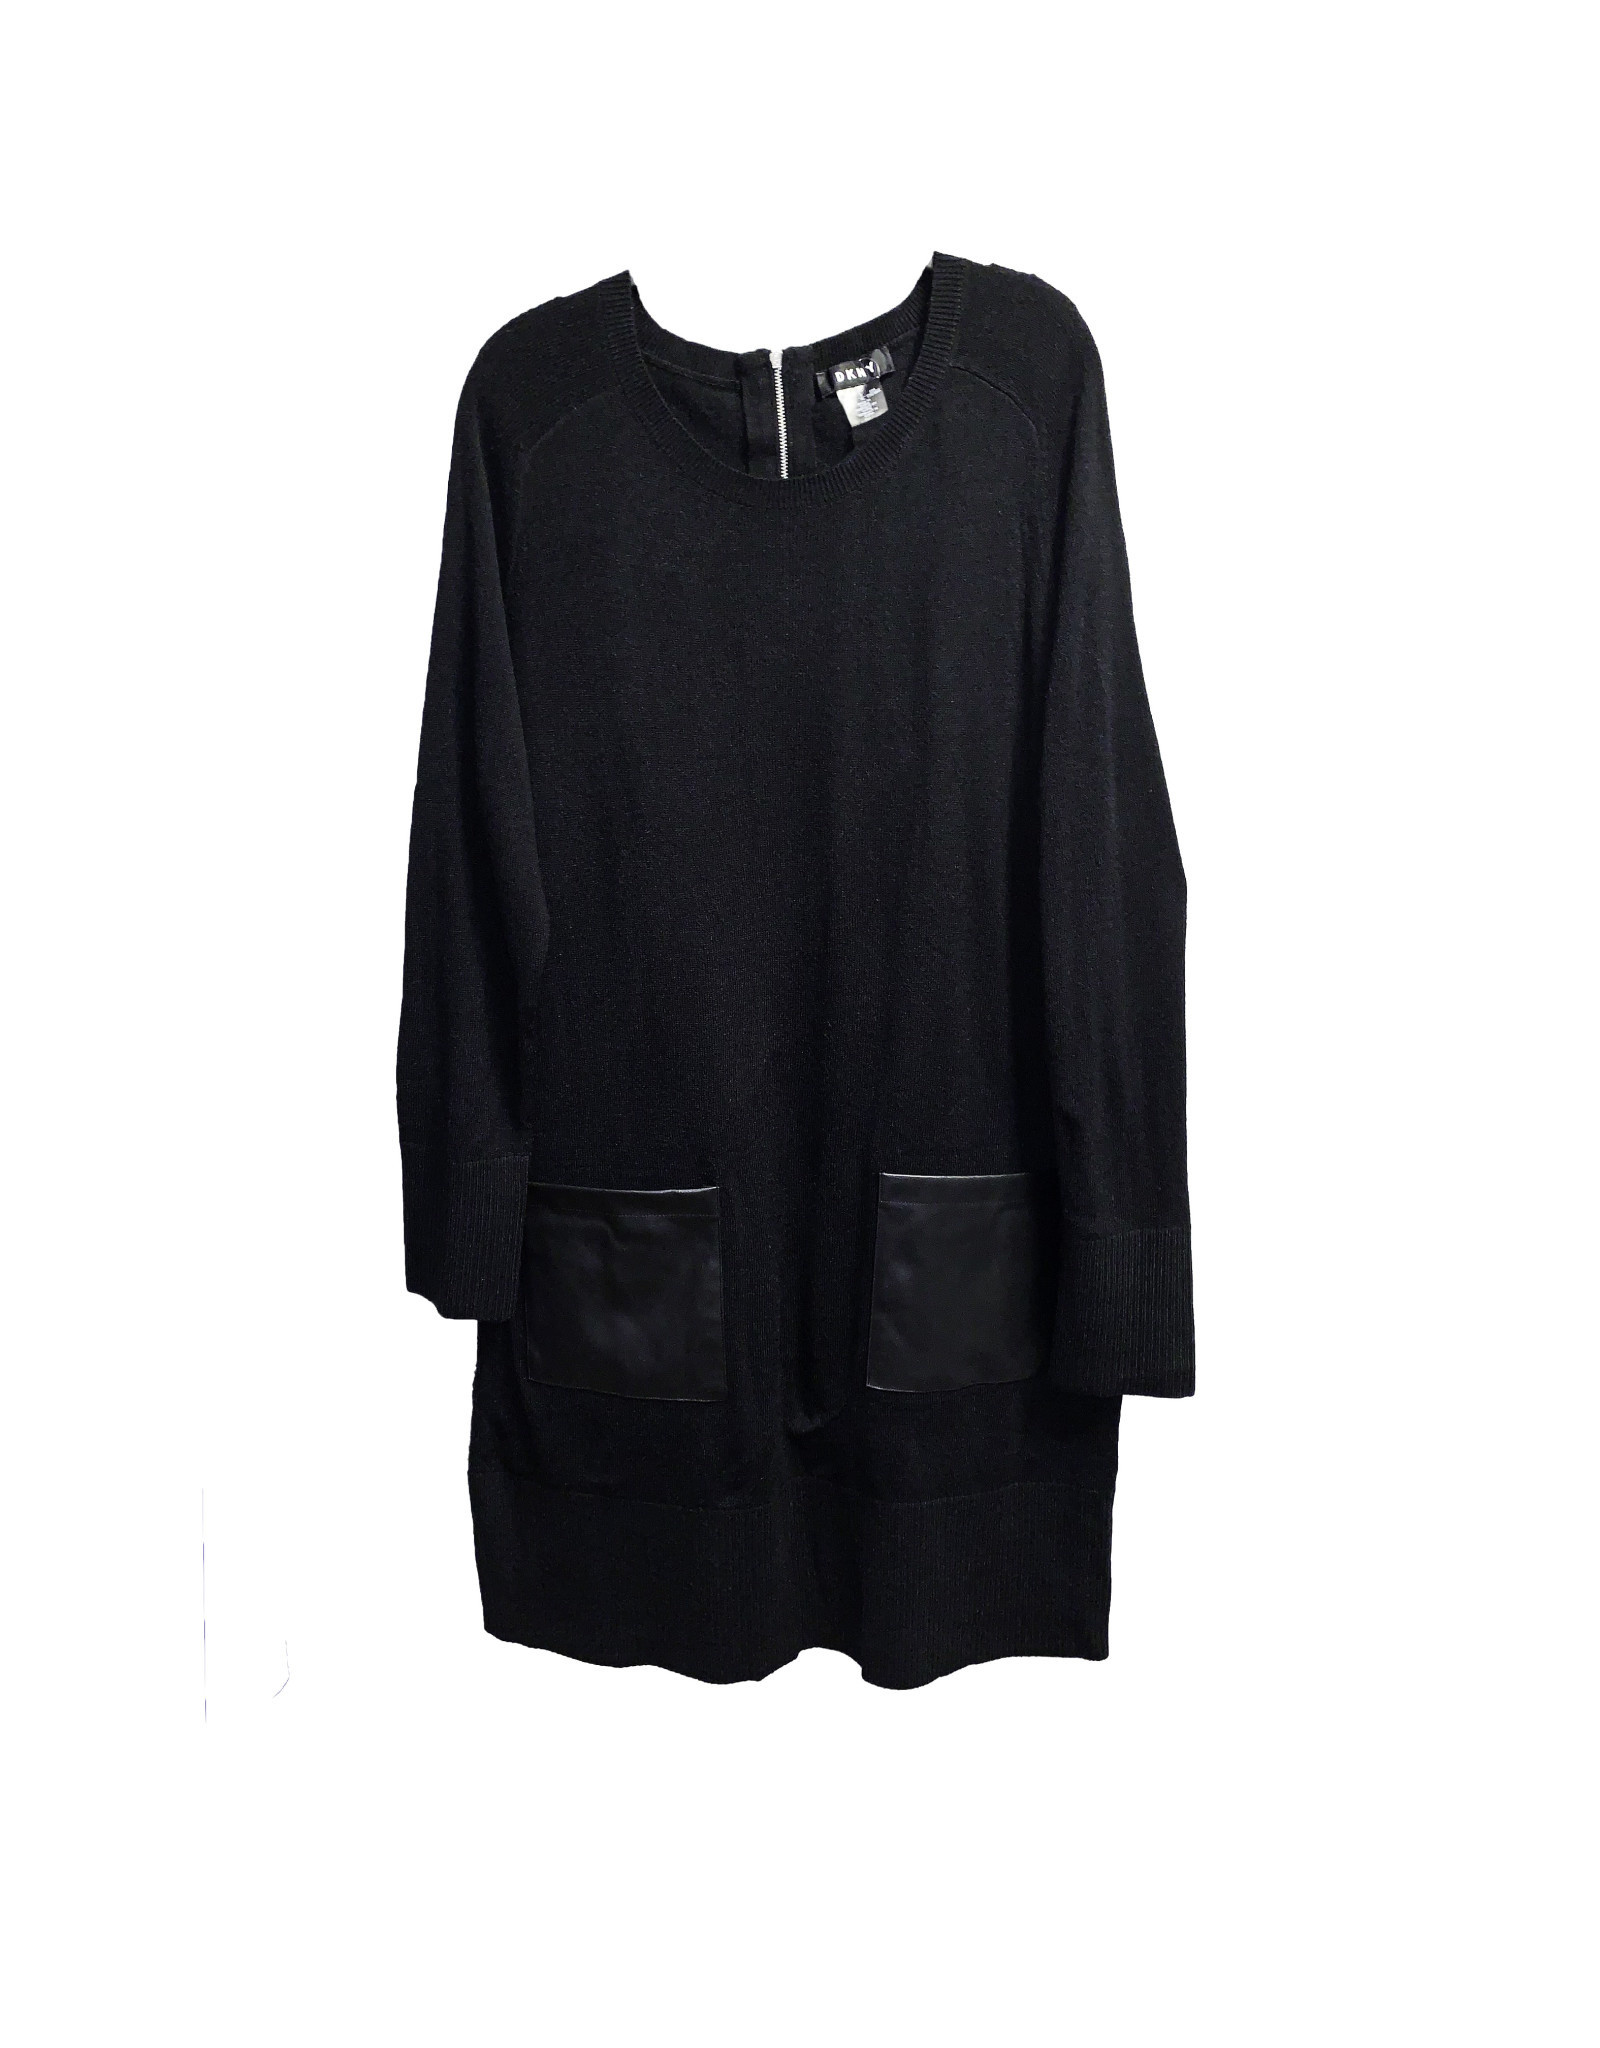 DKNY DKNY Sweater Dress